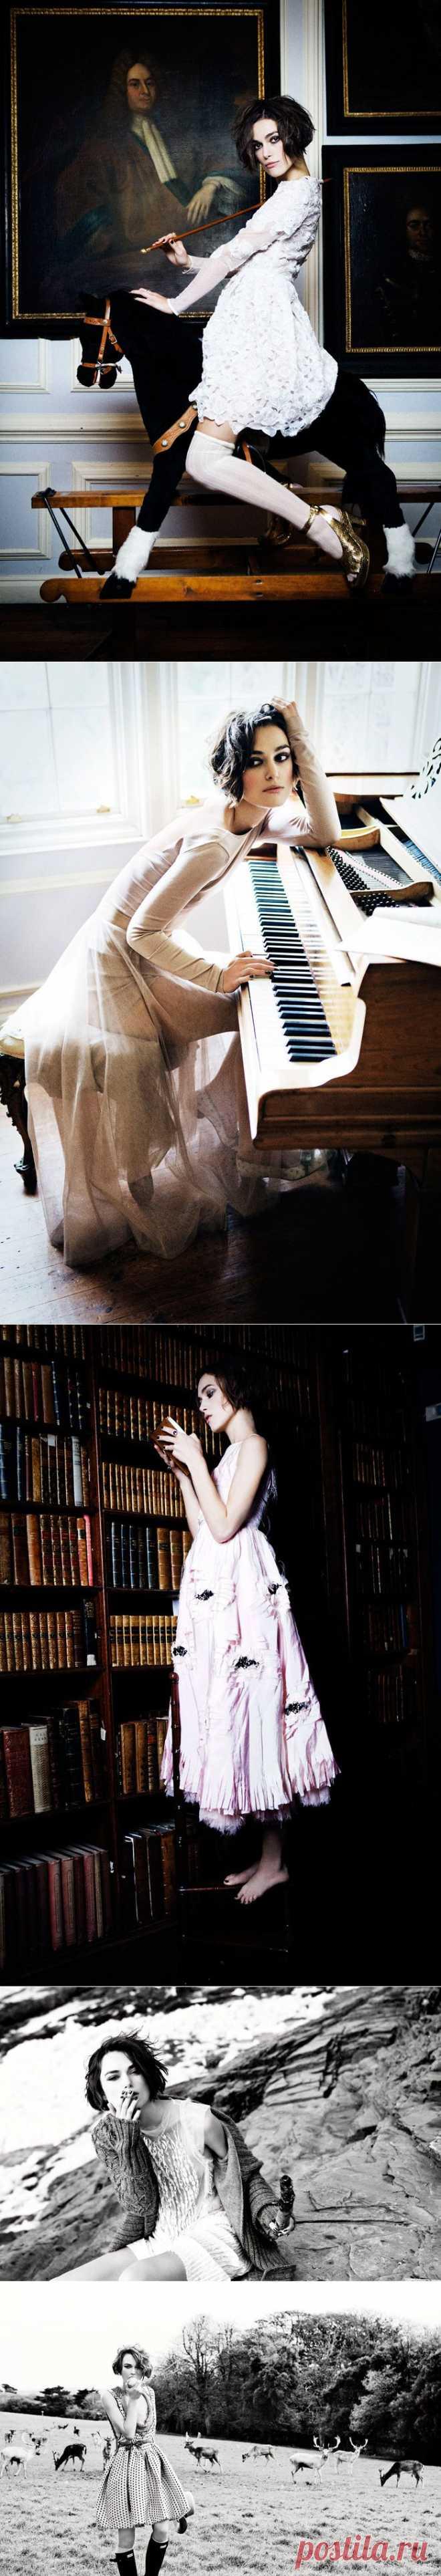 Кира Найтли(Keira Knightley) в фотосессии Эллен фон Унверт(Ellen von Unwerth) для журнала Vogue Italia (январь 2011).